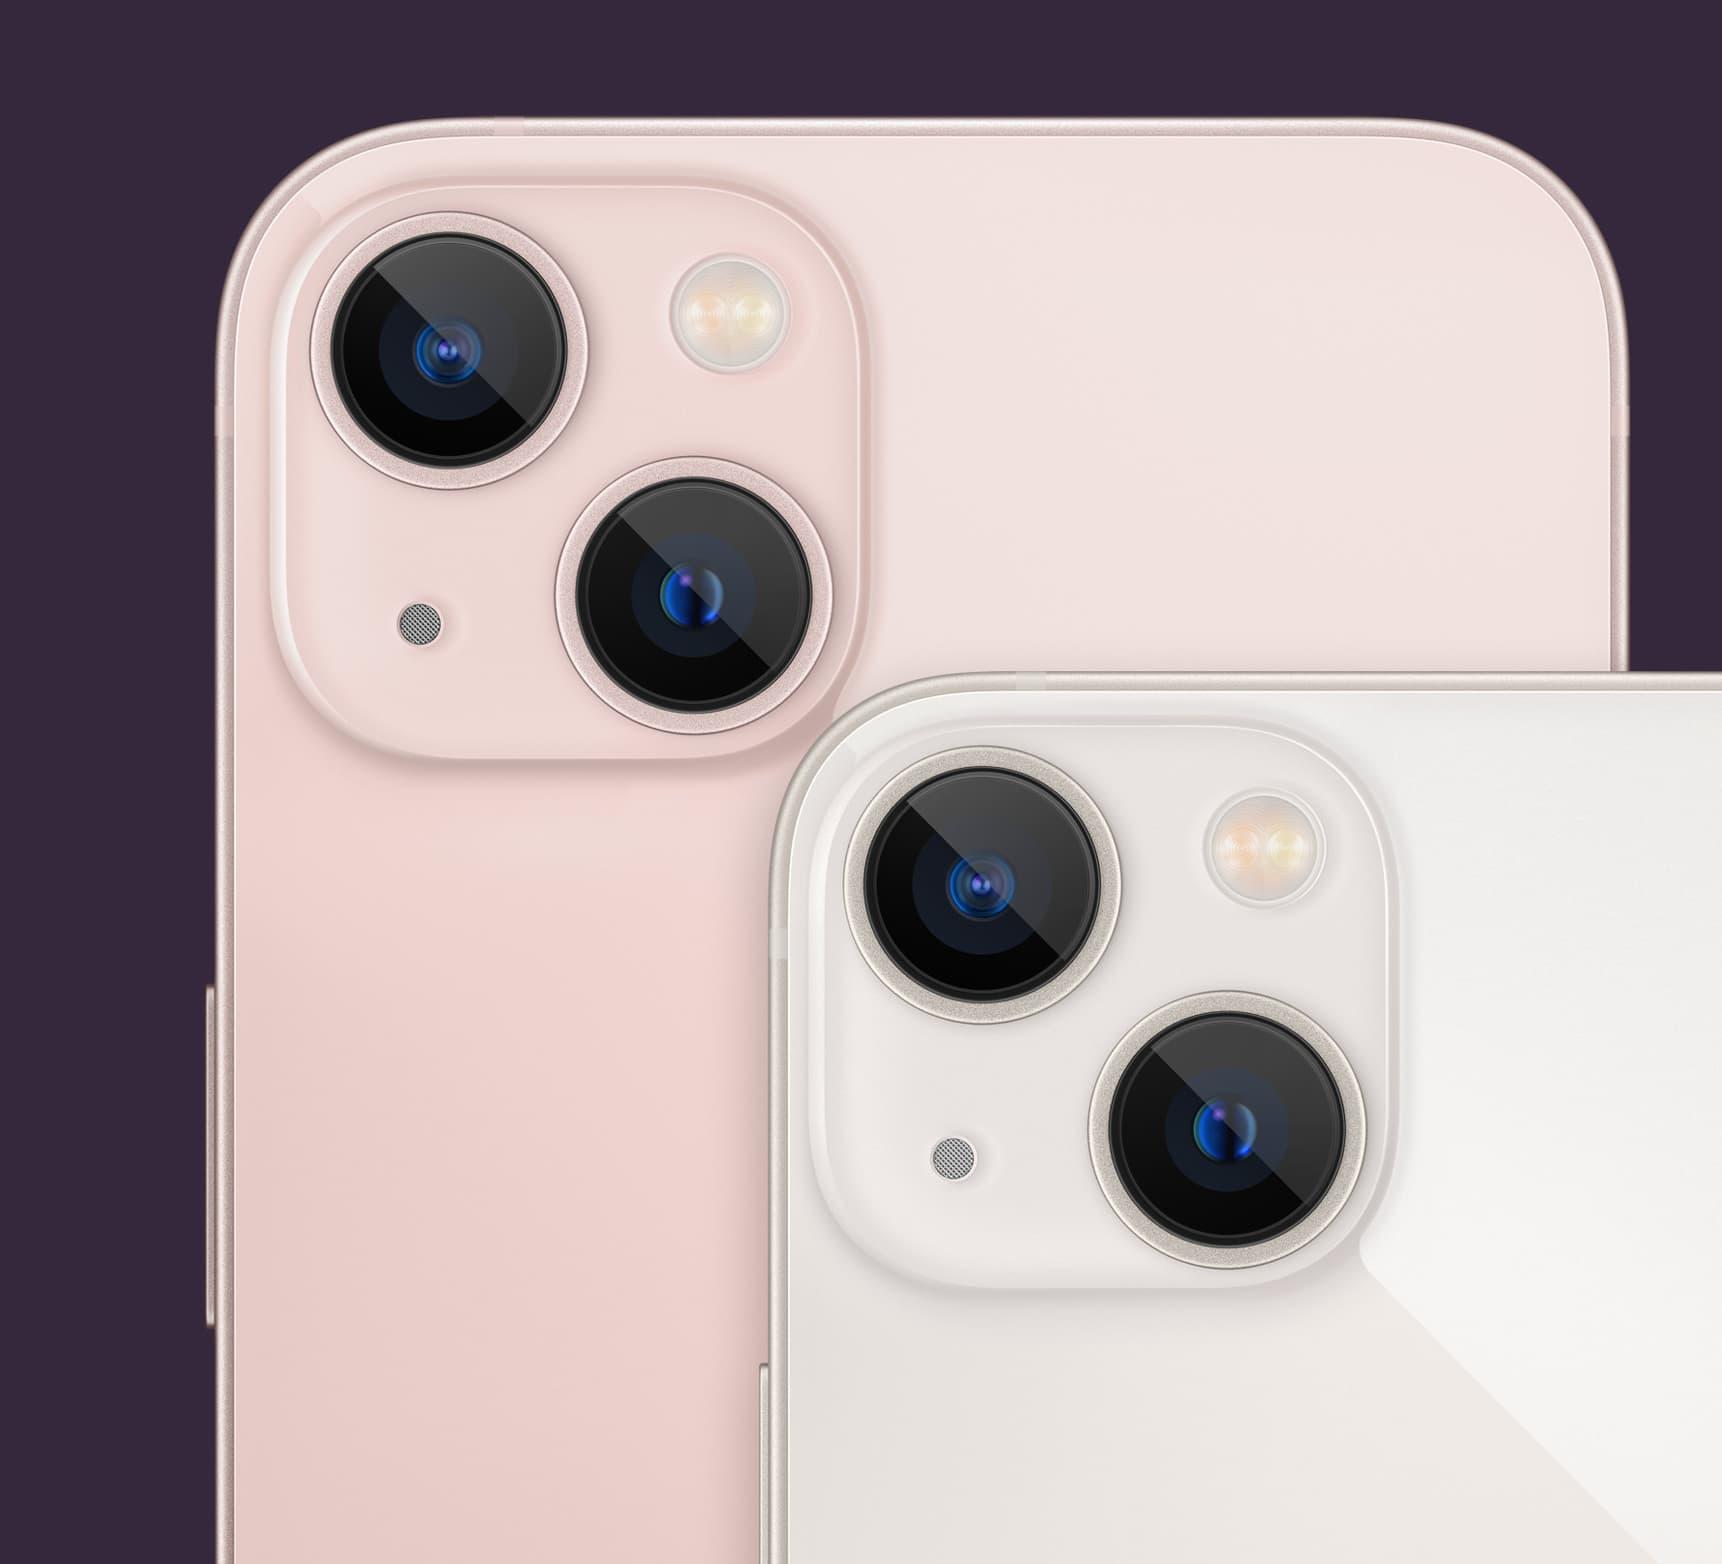 蘋果 iPhone 13 系列有哪些特色?15個亮點功能總整理6